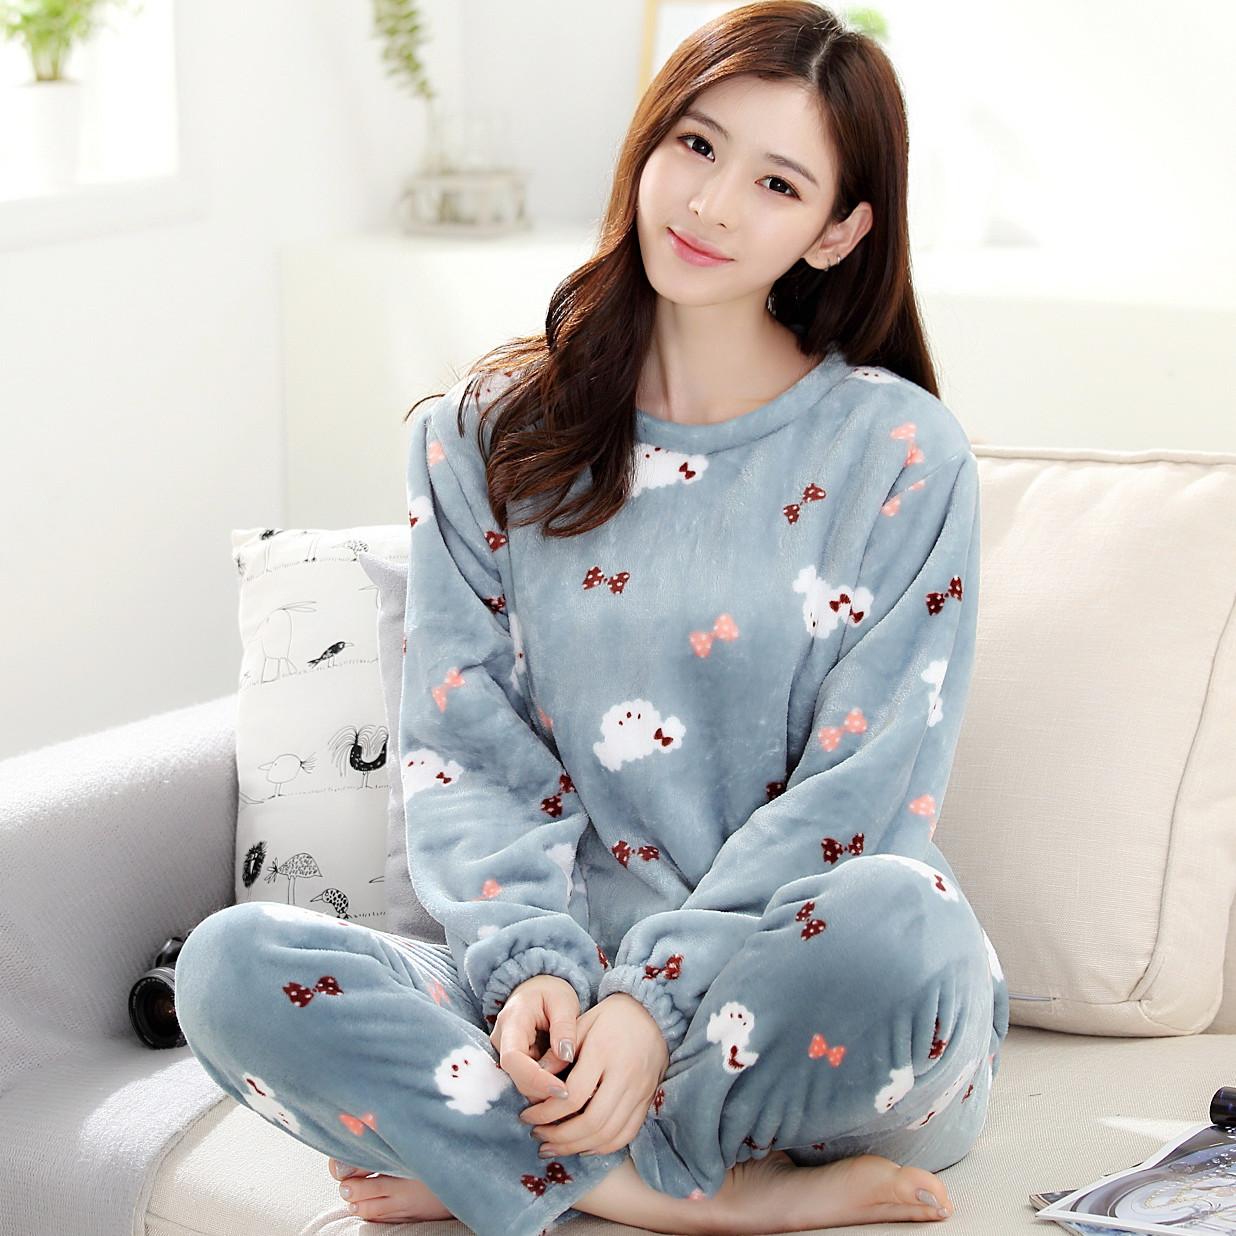 天天特价珊瑚绒睡衣套装女士套头法兰绒家居服加厚可爱韩版长袖